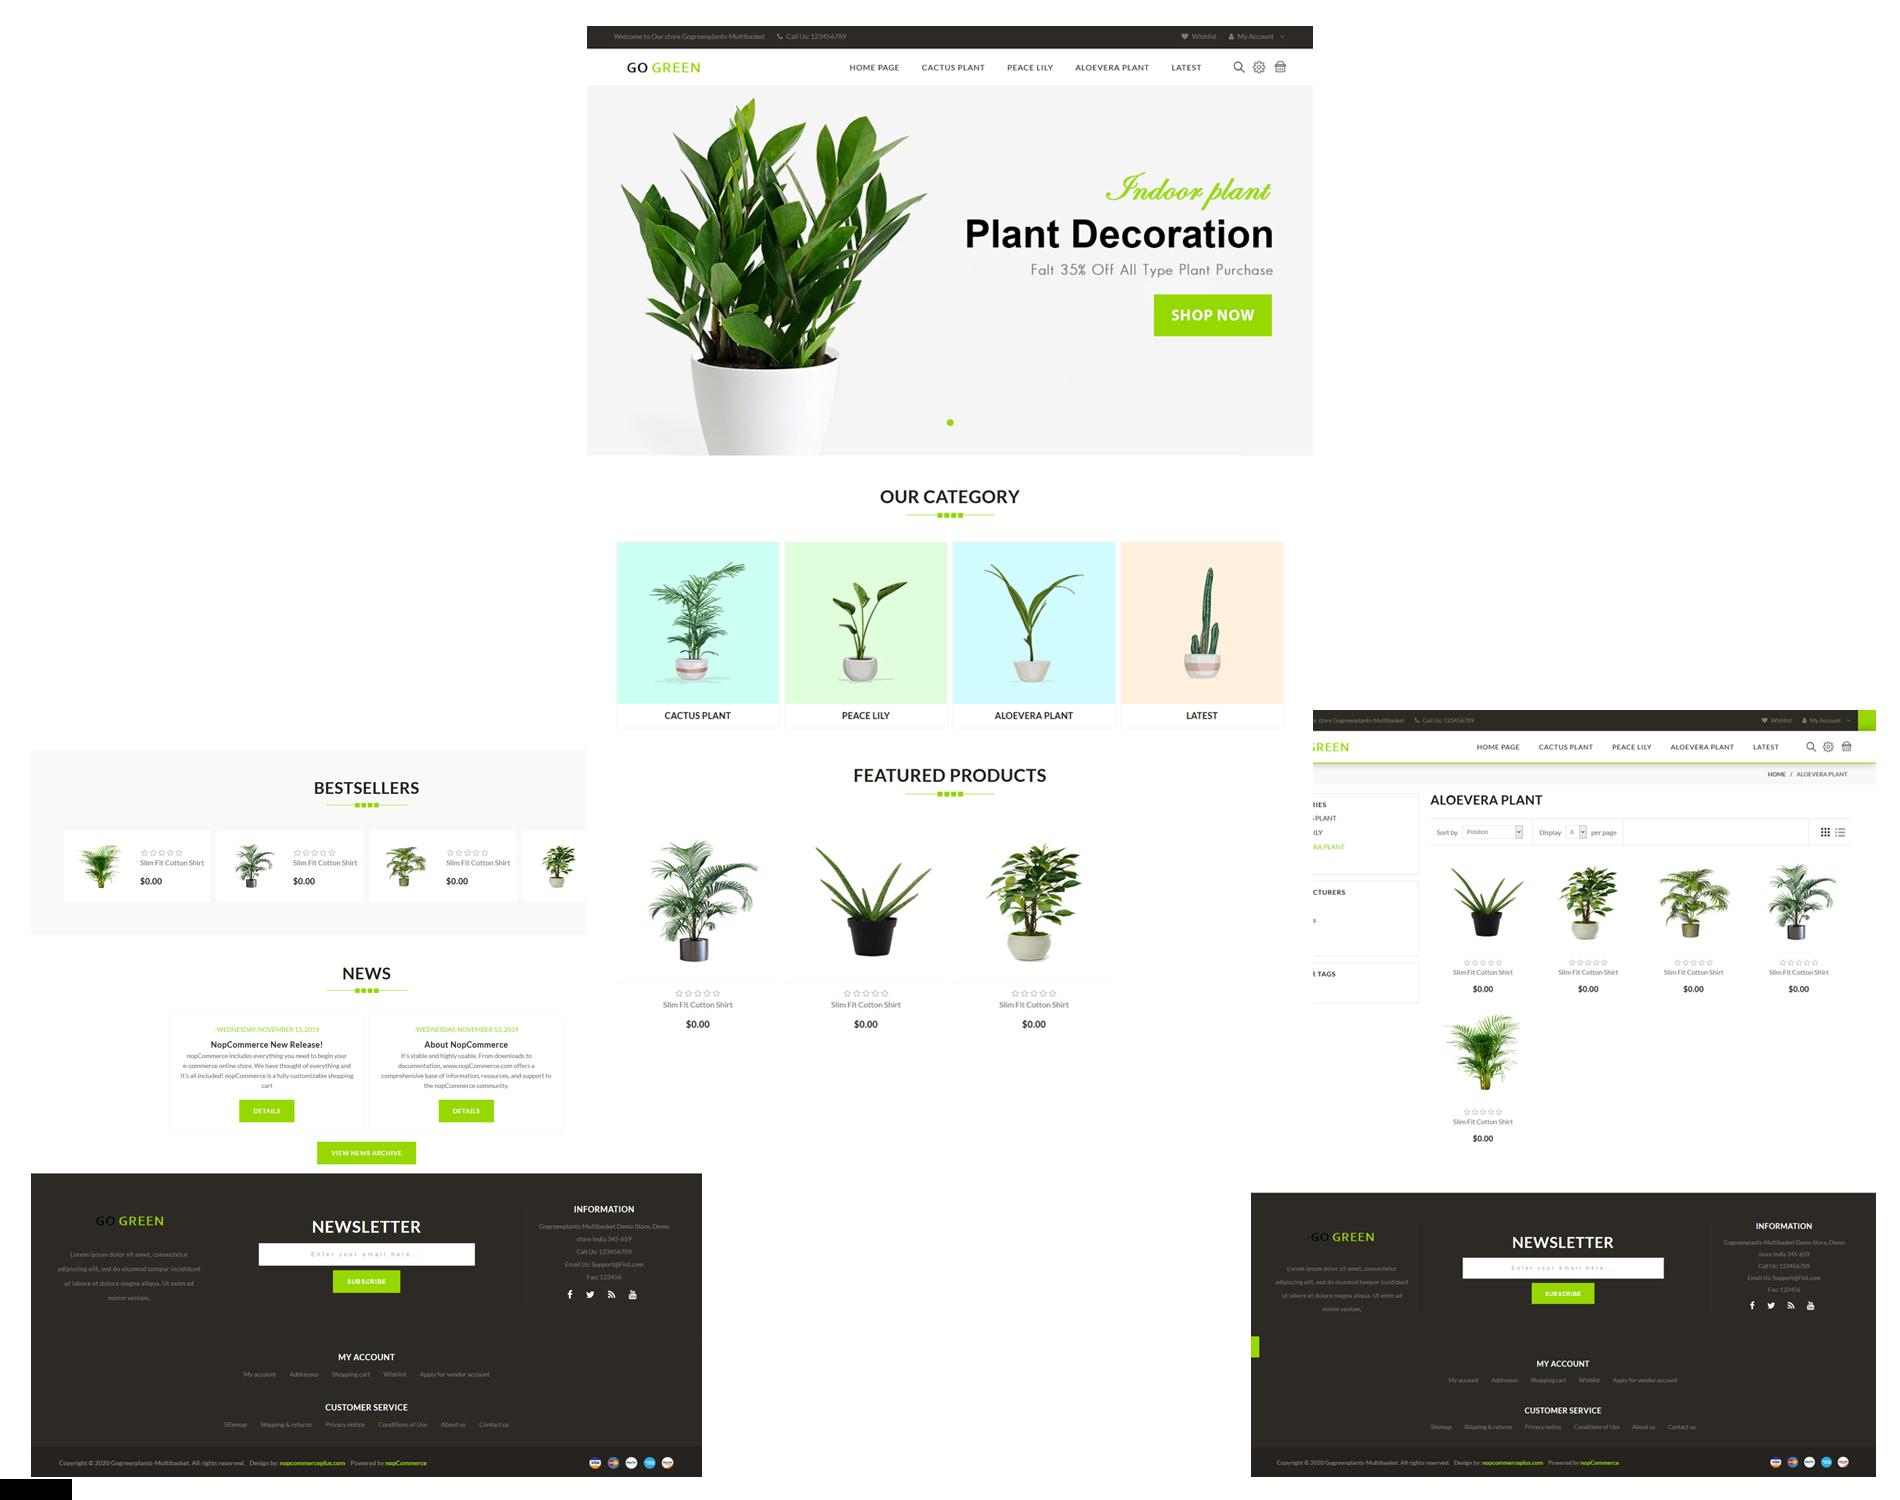 قالب فروشگاهی Go Green Plants ناپکامرس - نمونه